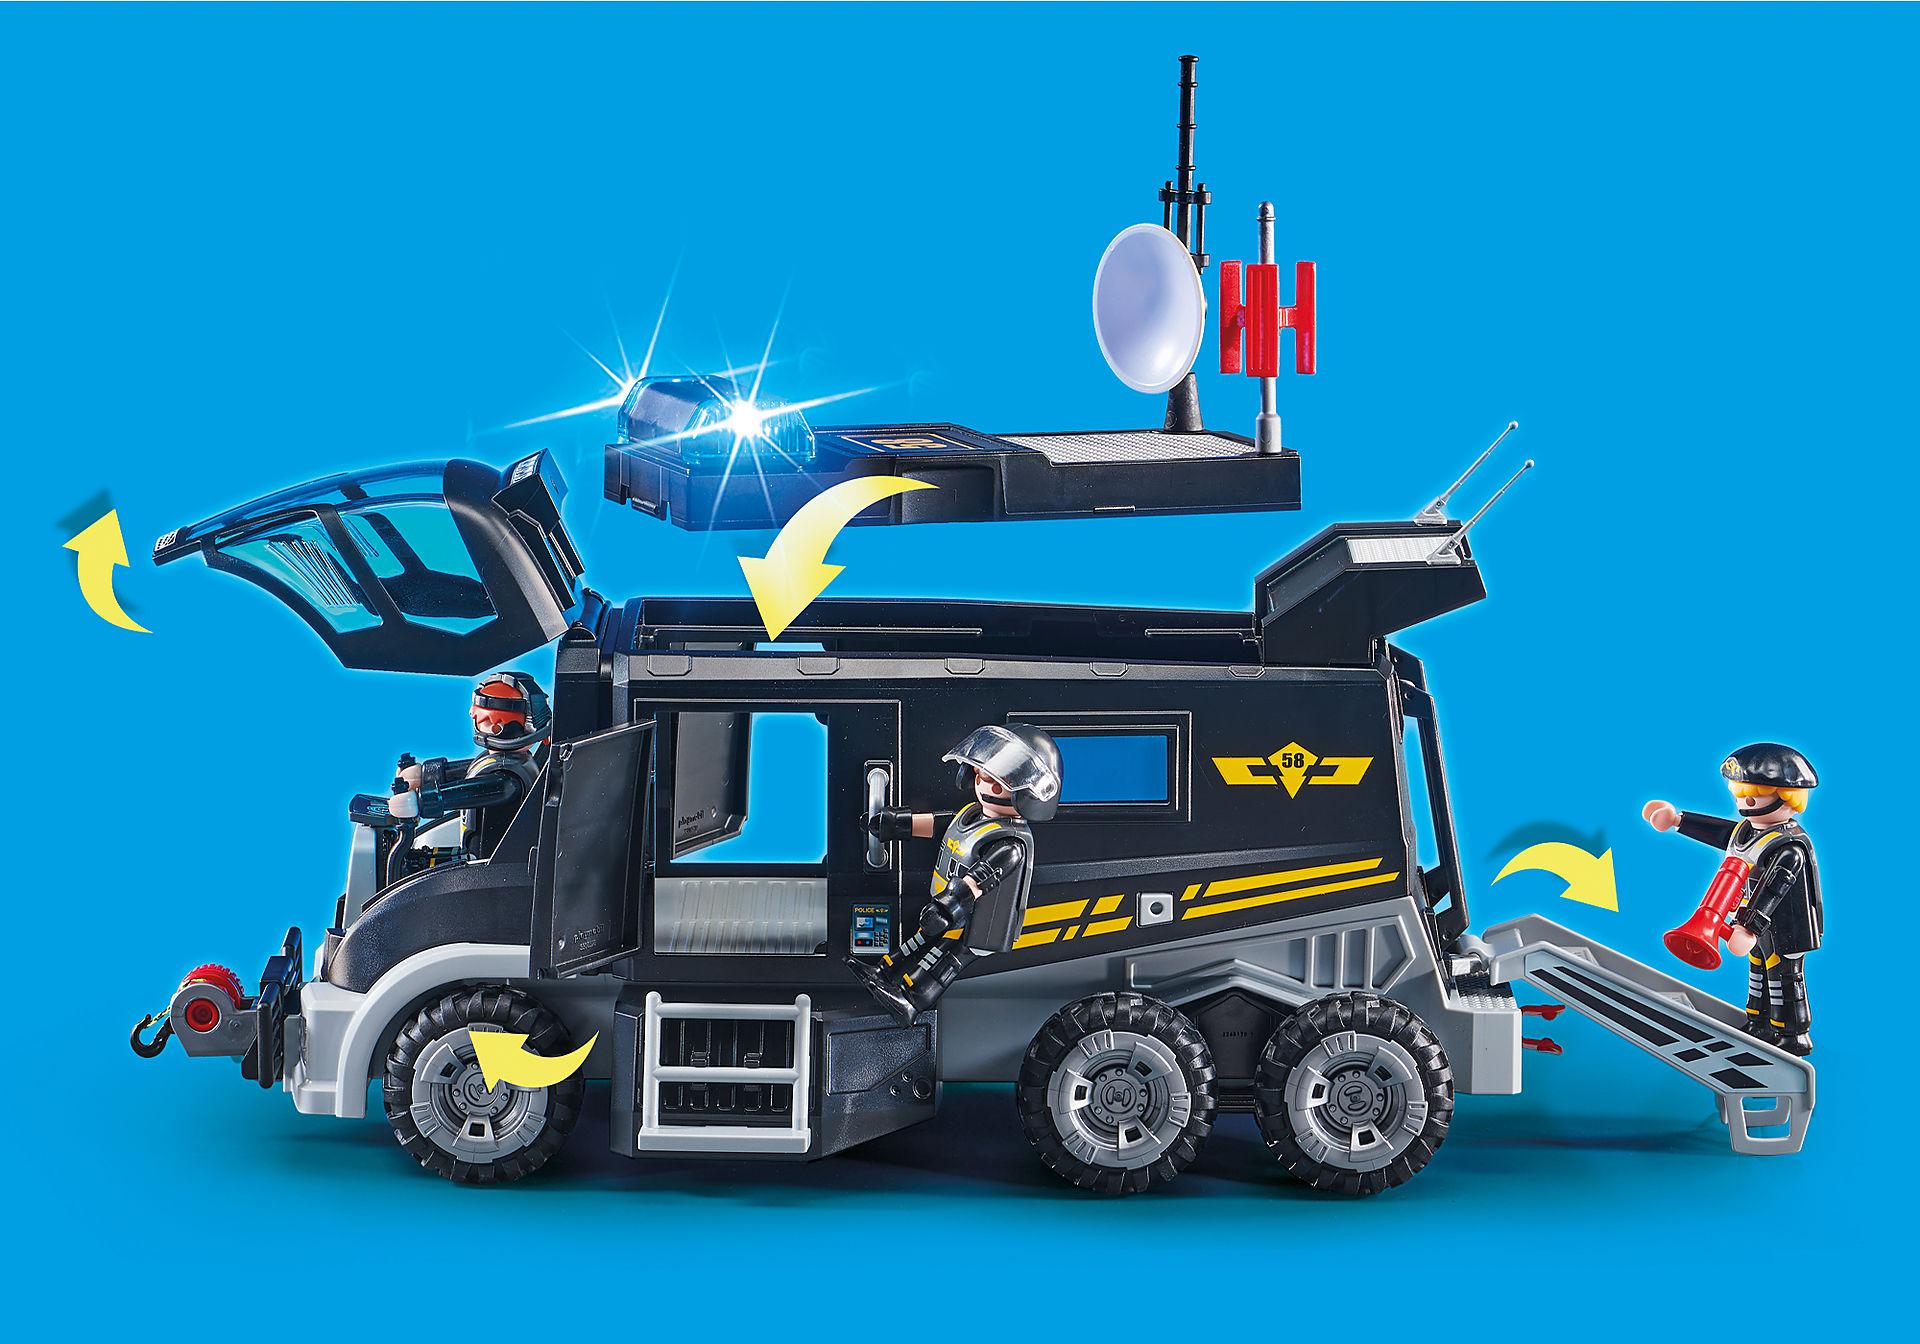 9360 Θωρακισμένο όχημα Ομάδας Ειδικών Αποστολών zoom image7